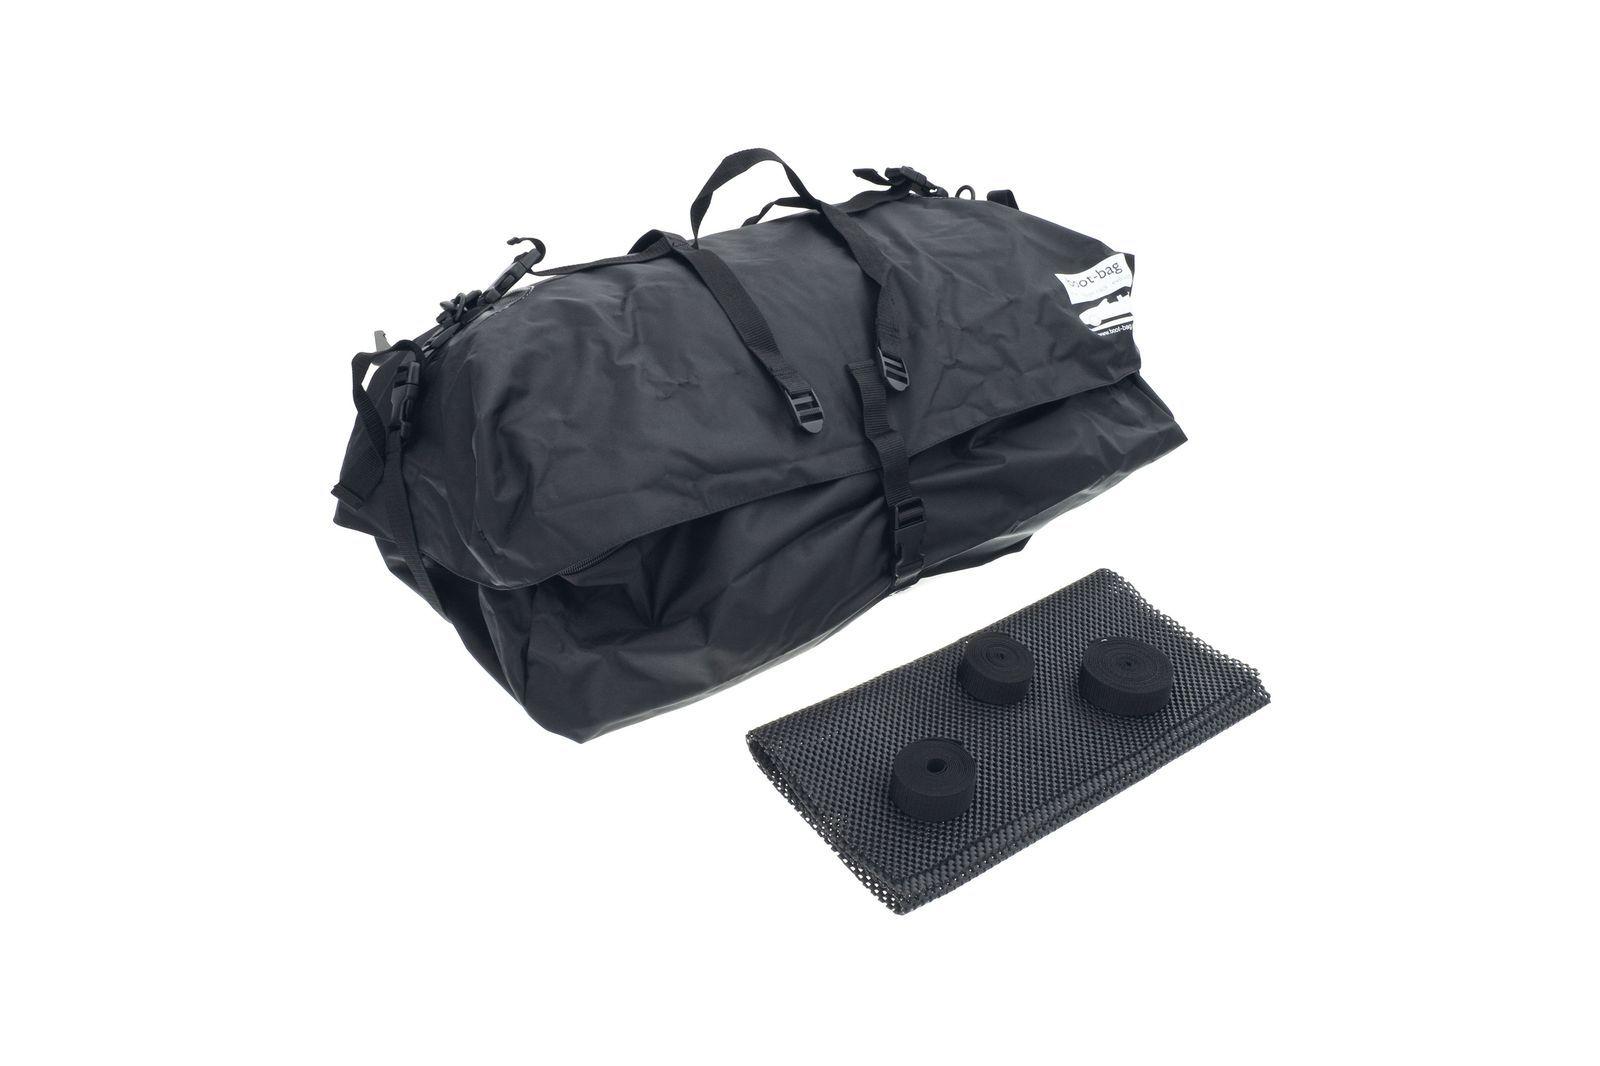 #Kofferraum Gepäcksack, Inhalt 50 Liter, GAC9155